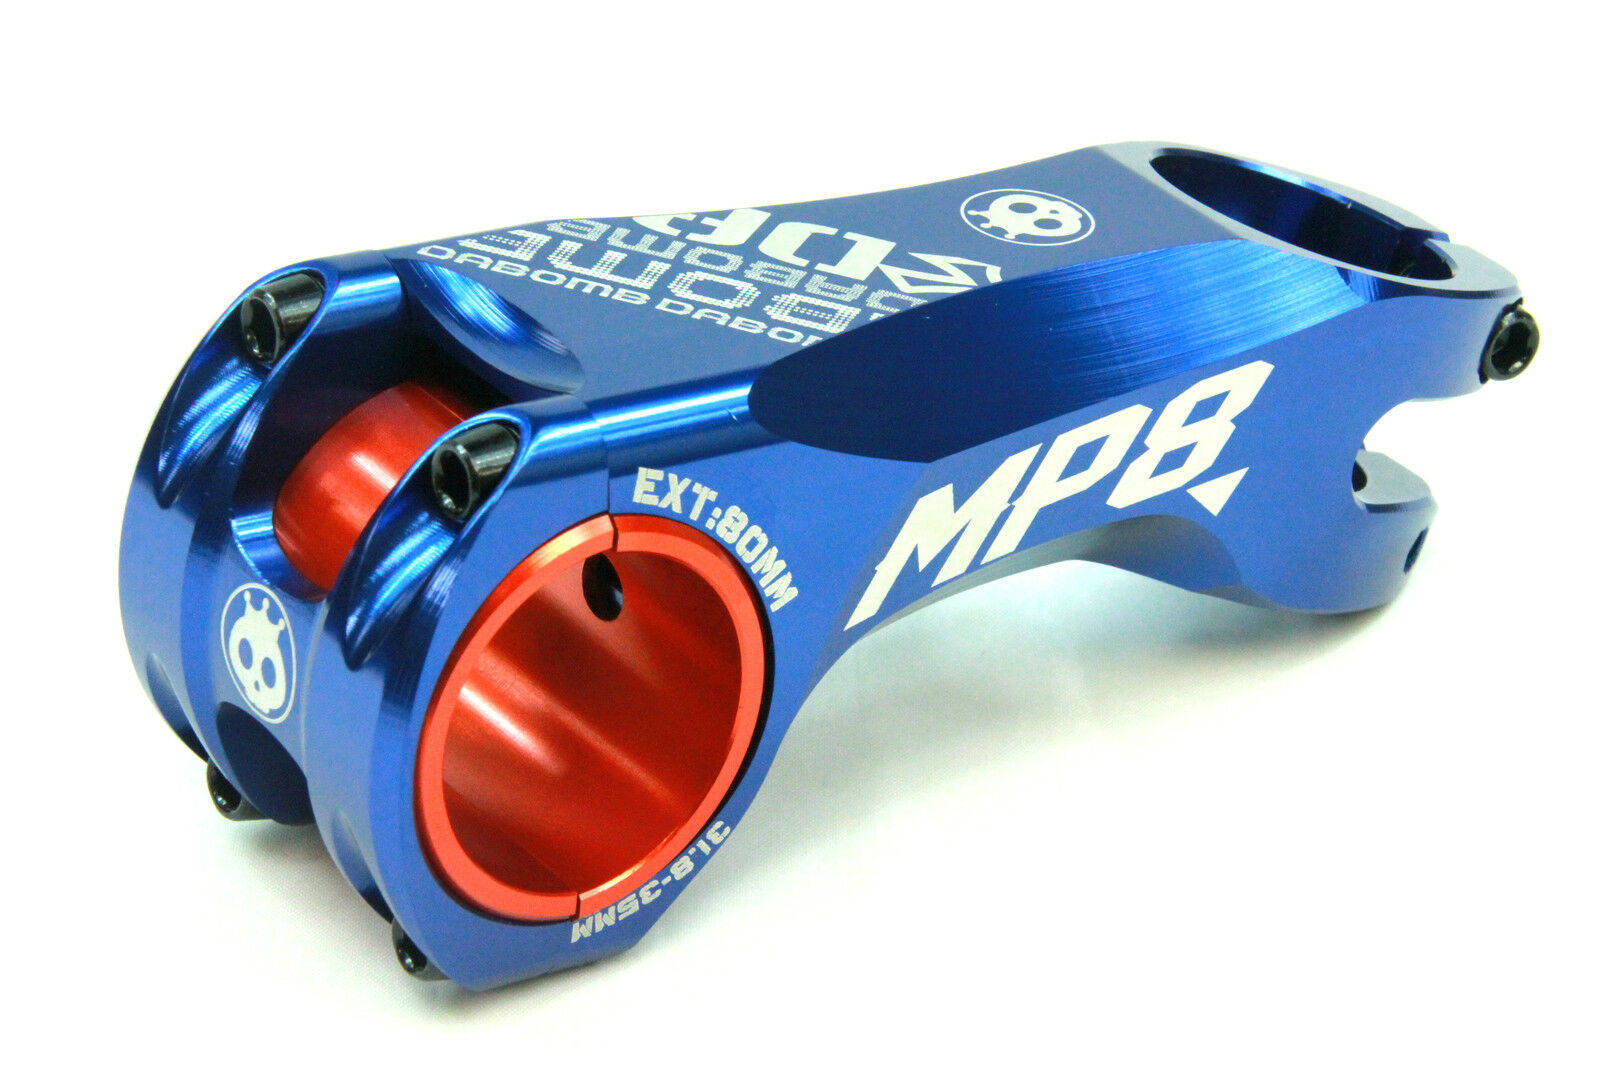 Da Bomb MP8 Stem Schmieded Aluminium - 31.8mm   35mm Clamp Dia.-Ext. 80mm - Blau